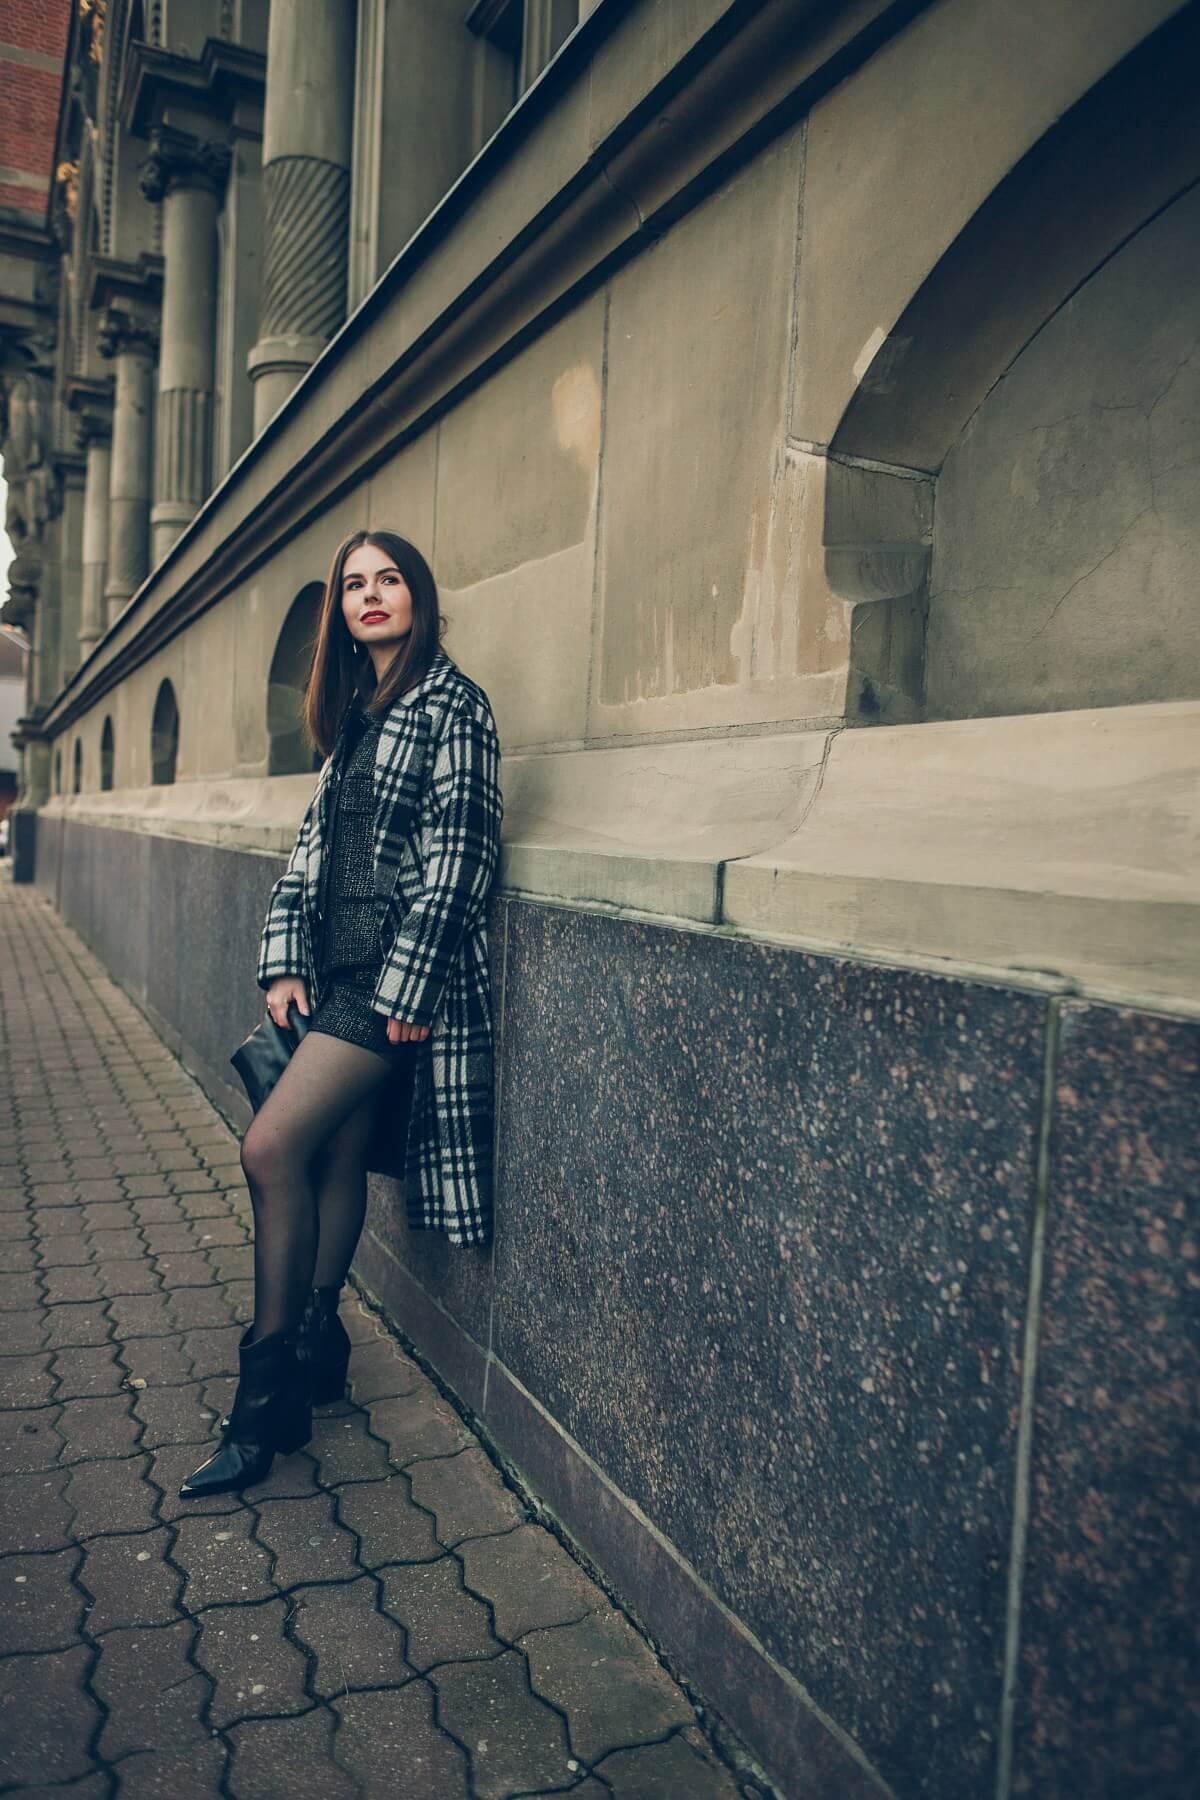 świąteczna stylizacja Forum Gdańsk